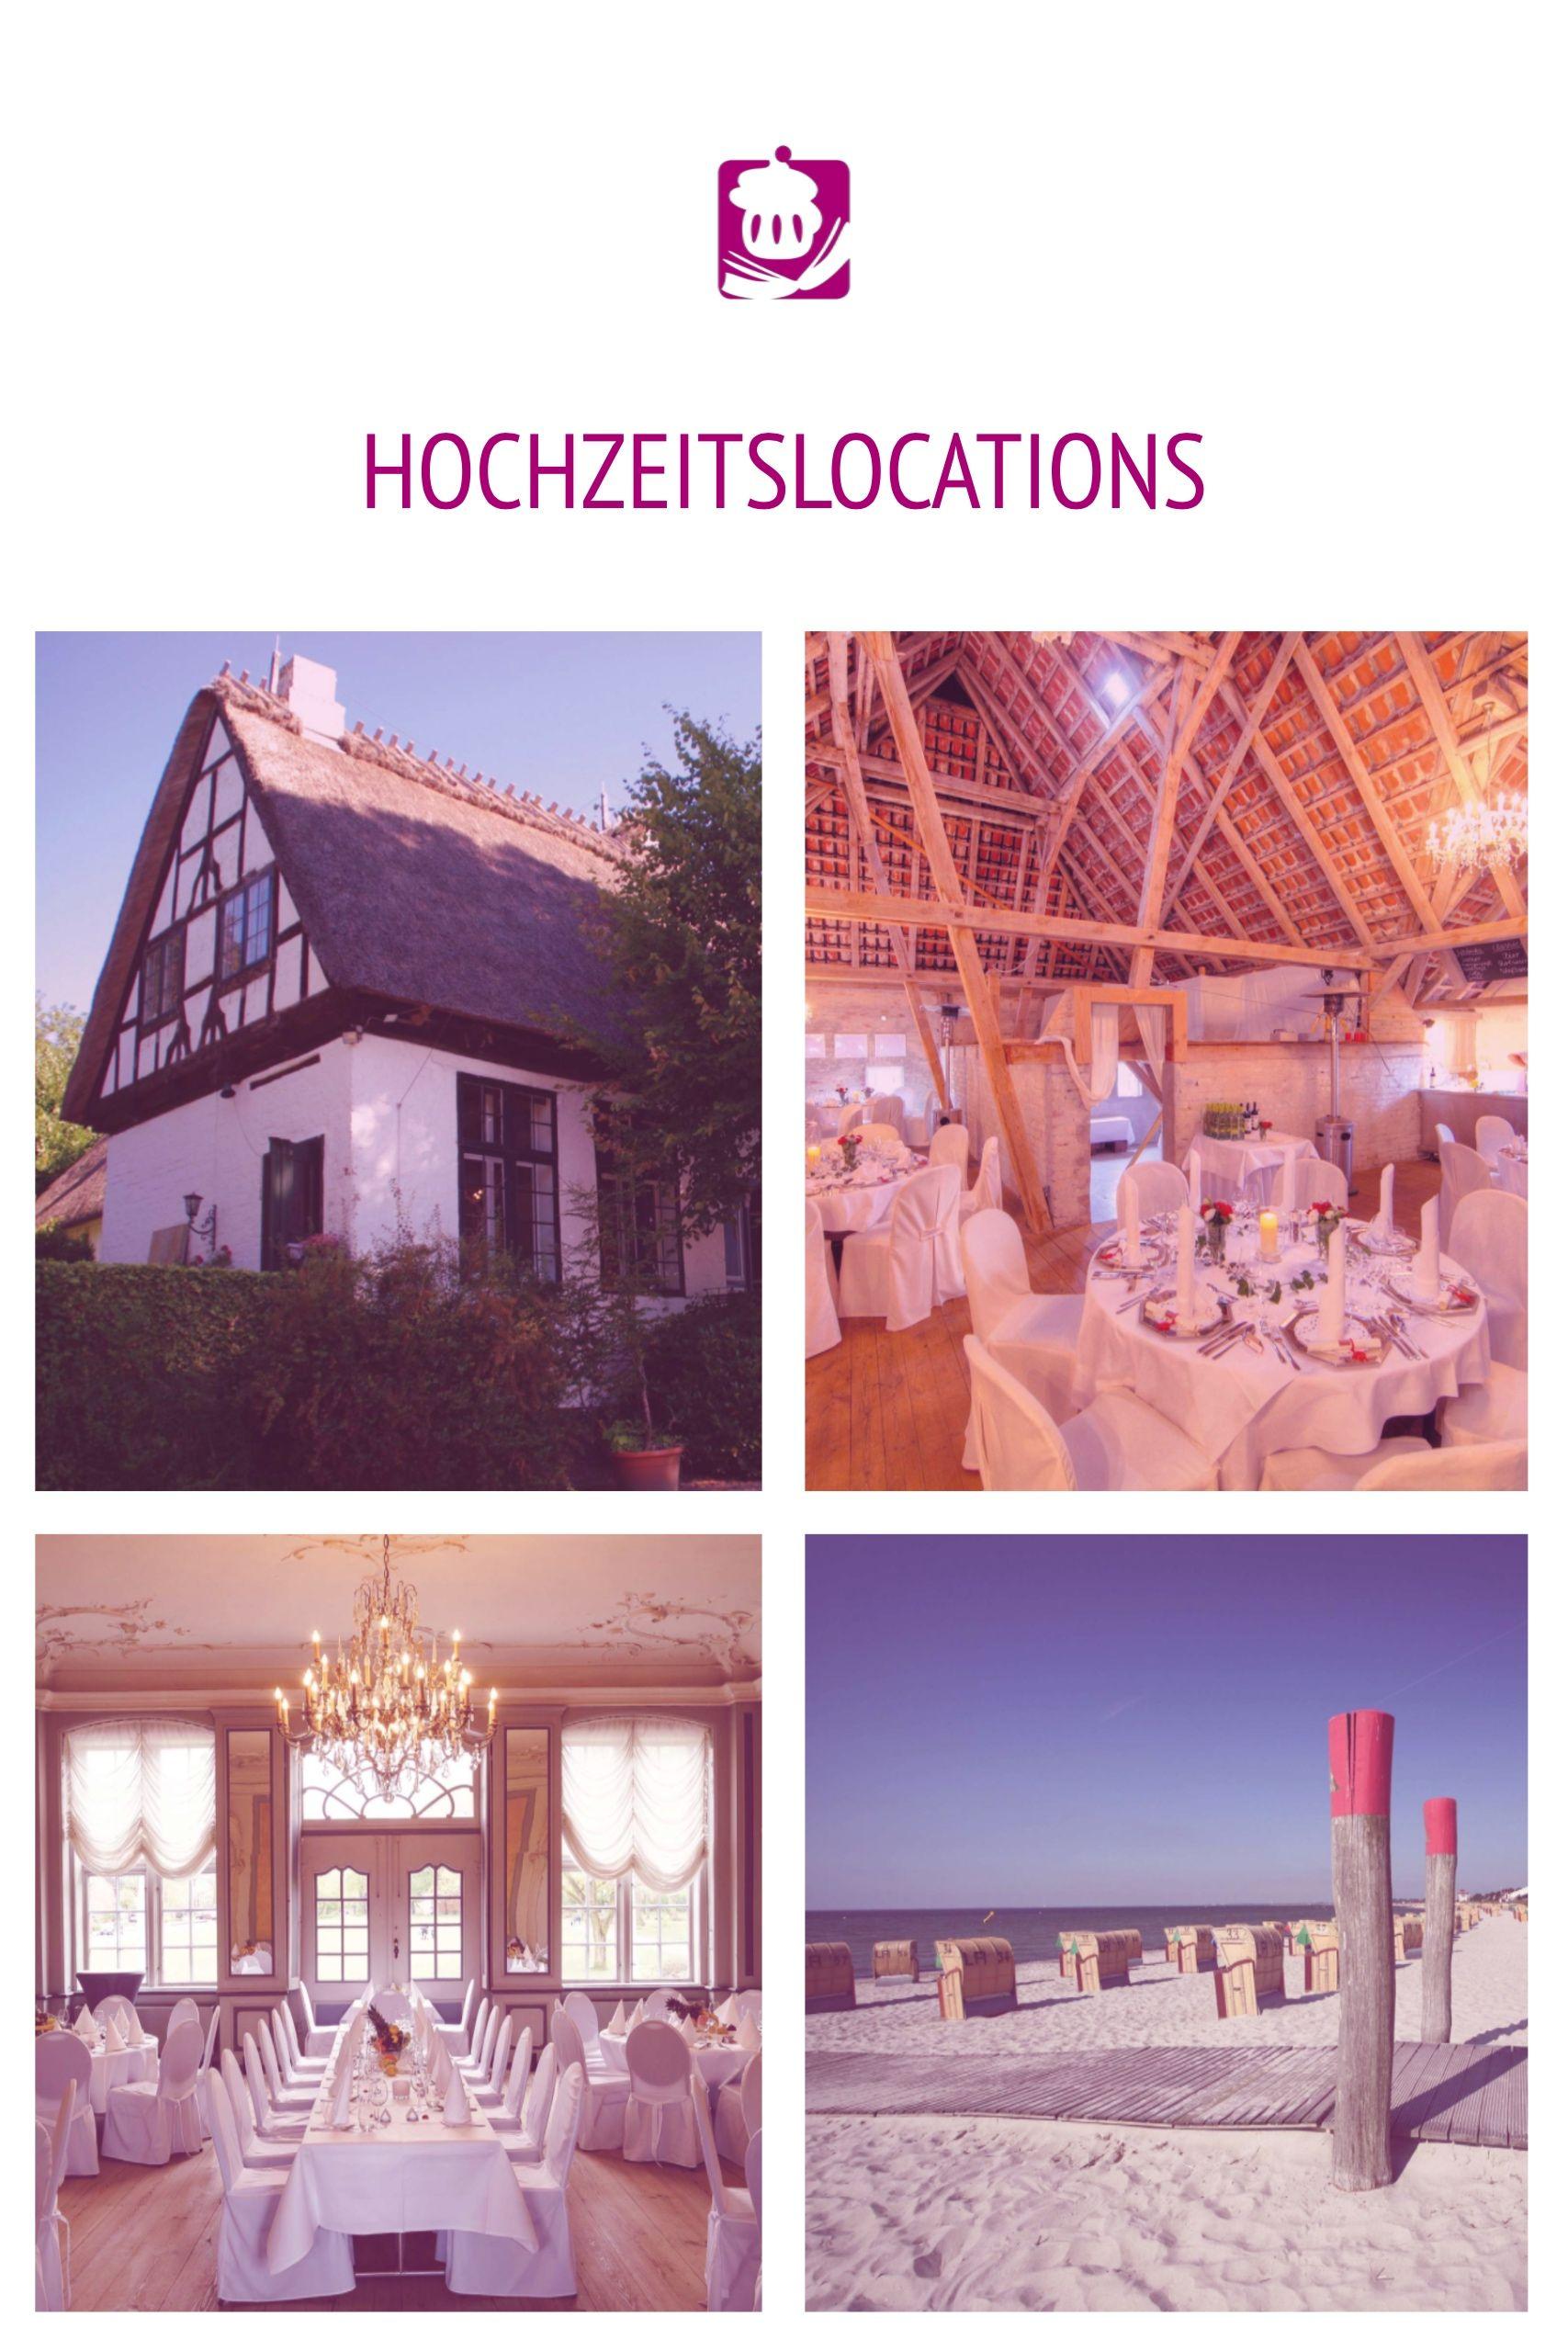 Hochzeitslocations in Schleswig-Holstein